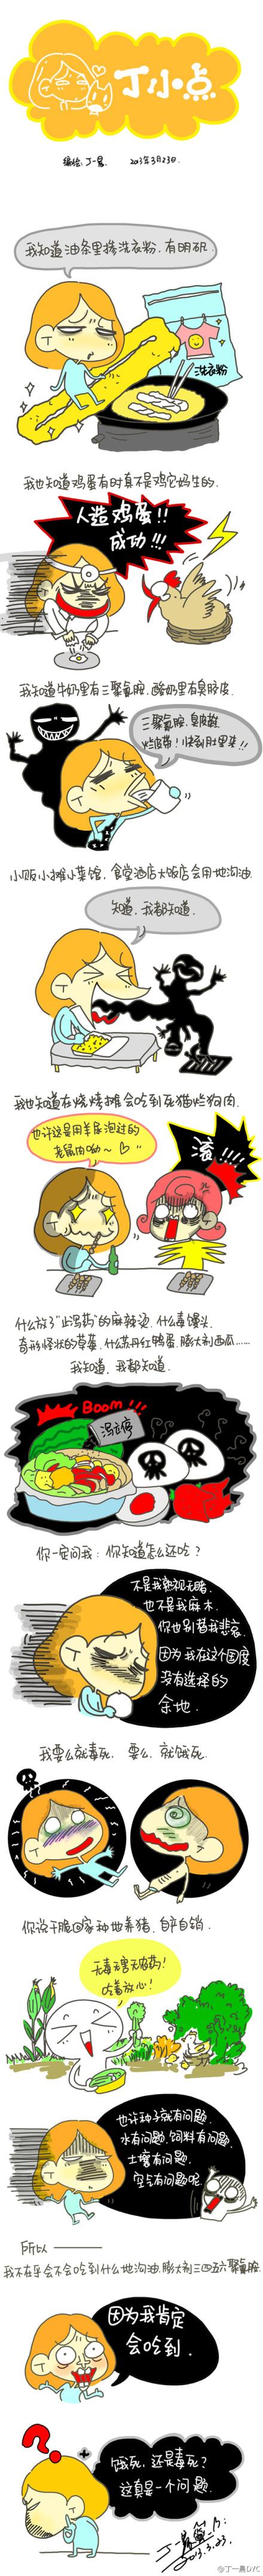 漫画作者:丁一晨